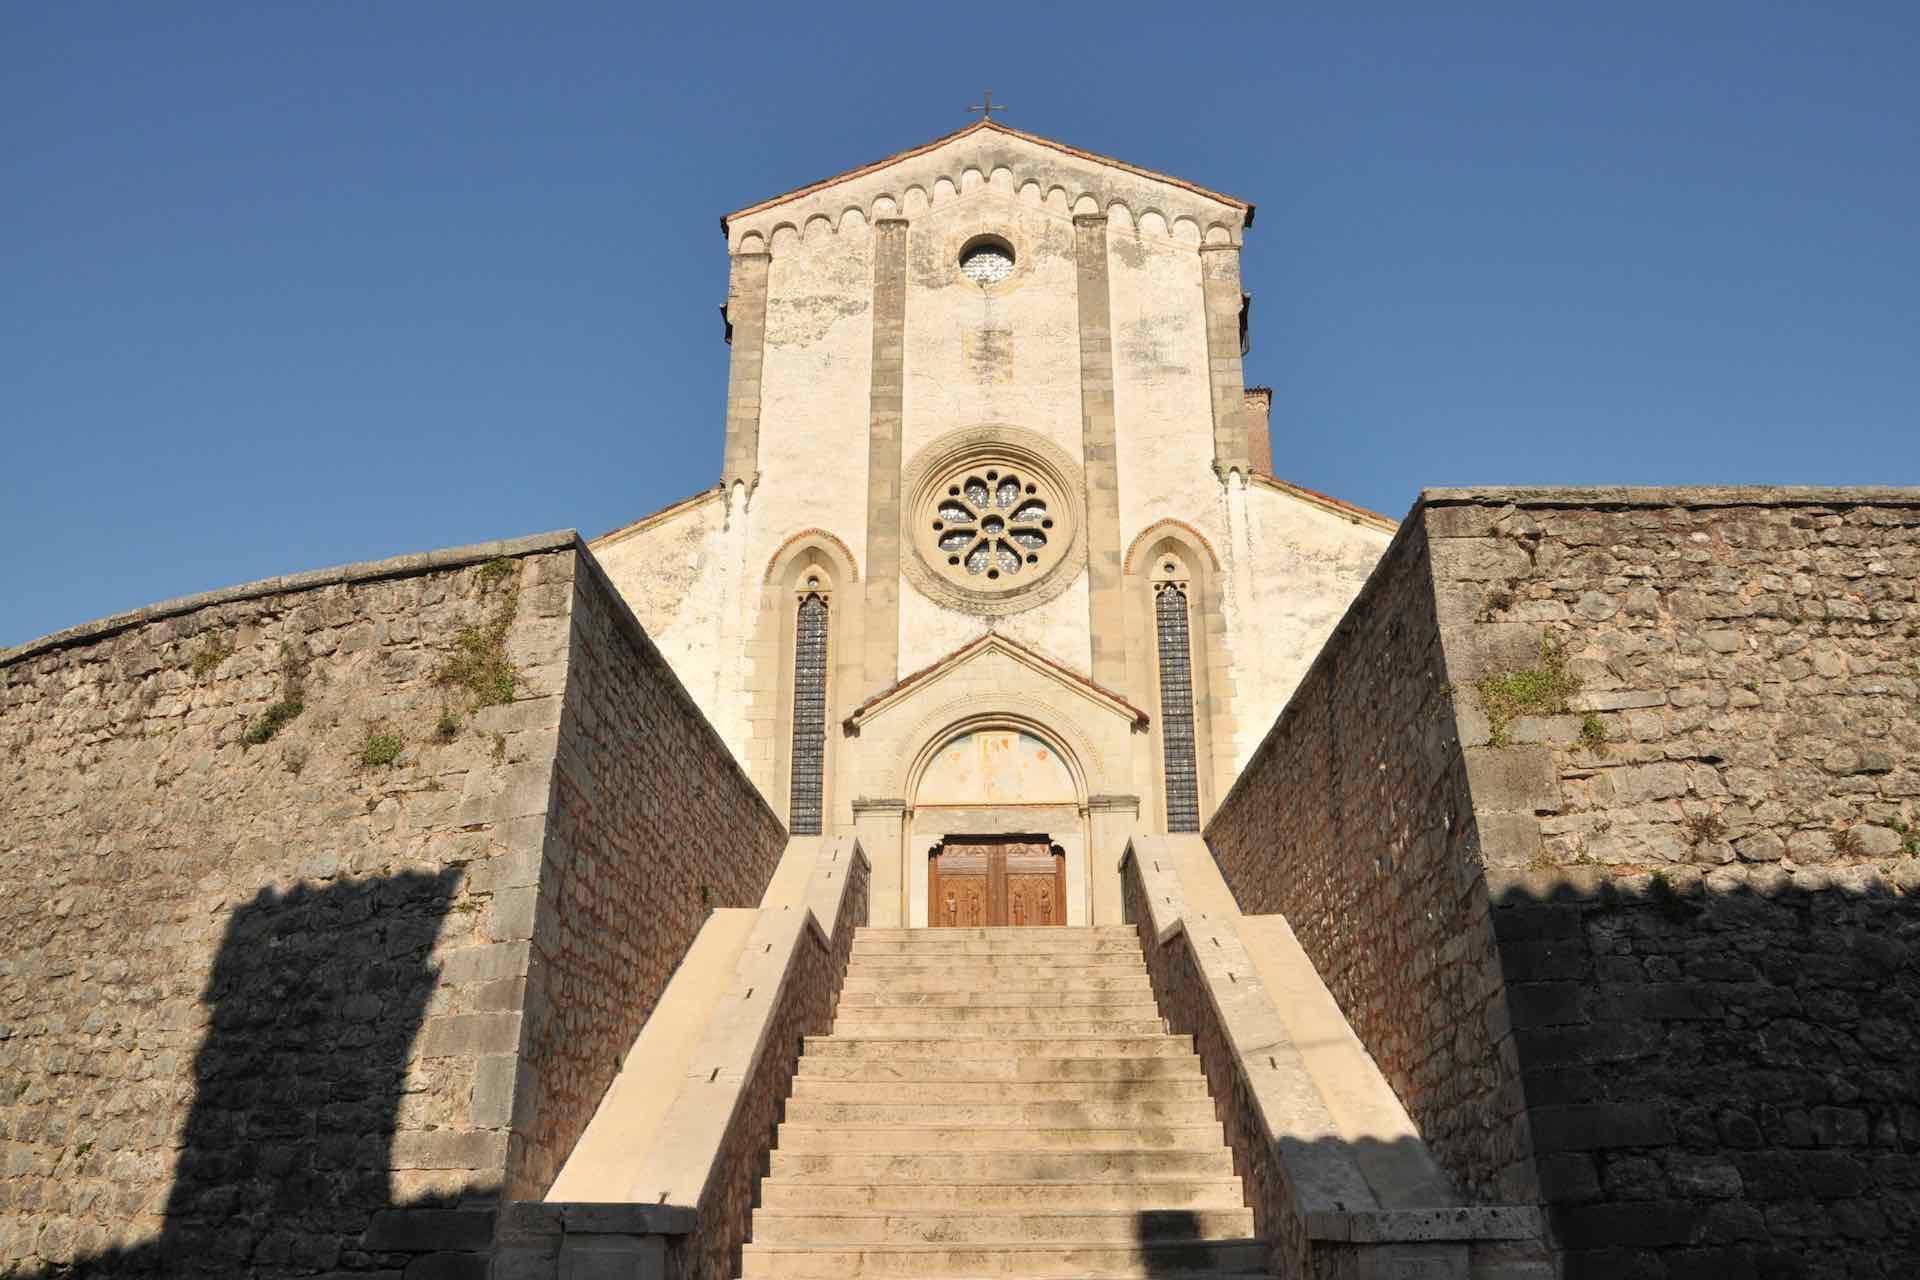 L'abbazia di Santa Maria a Follina, detta anche di Sanavalle, un monastero cistercense da visitare durante le vacanze in Veneto